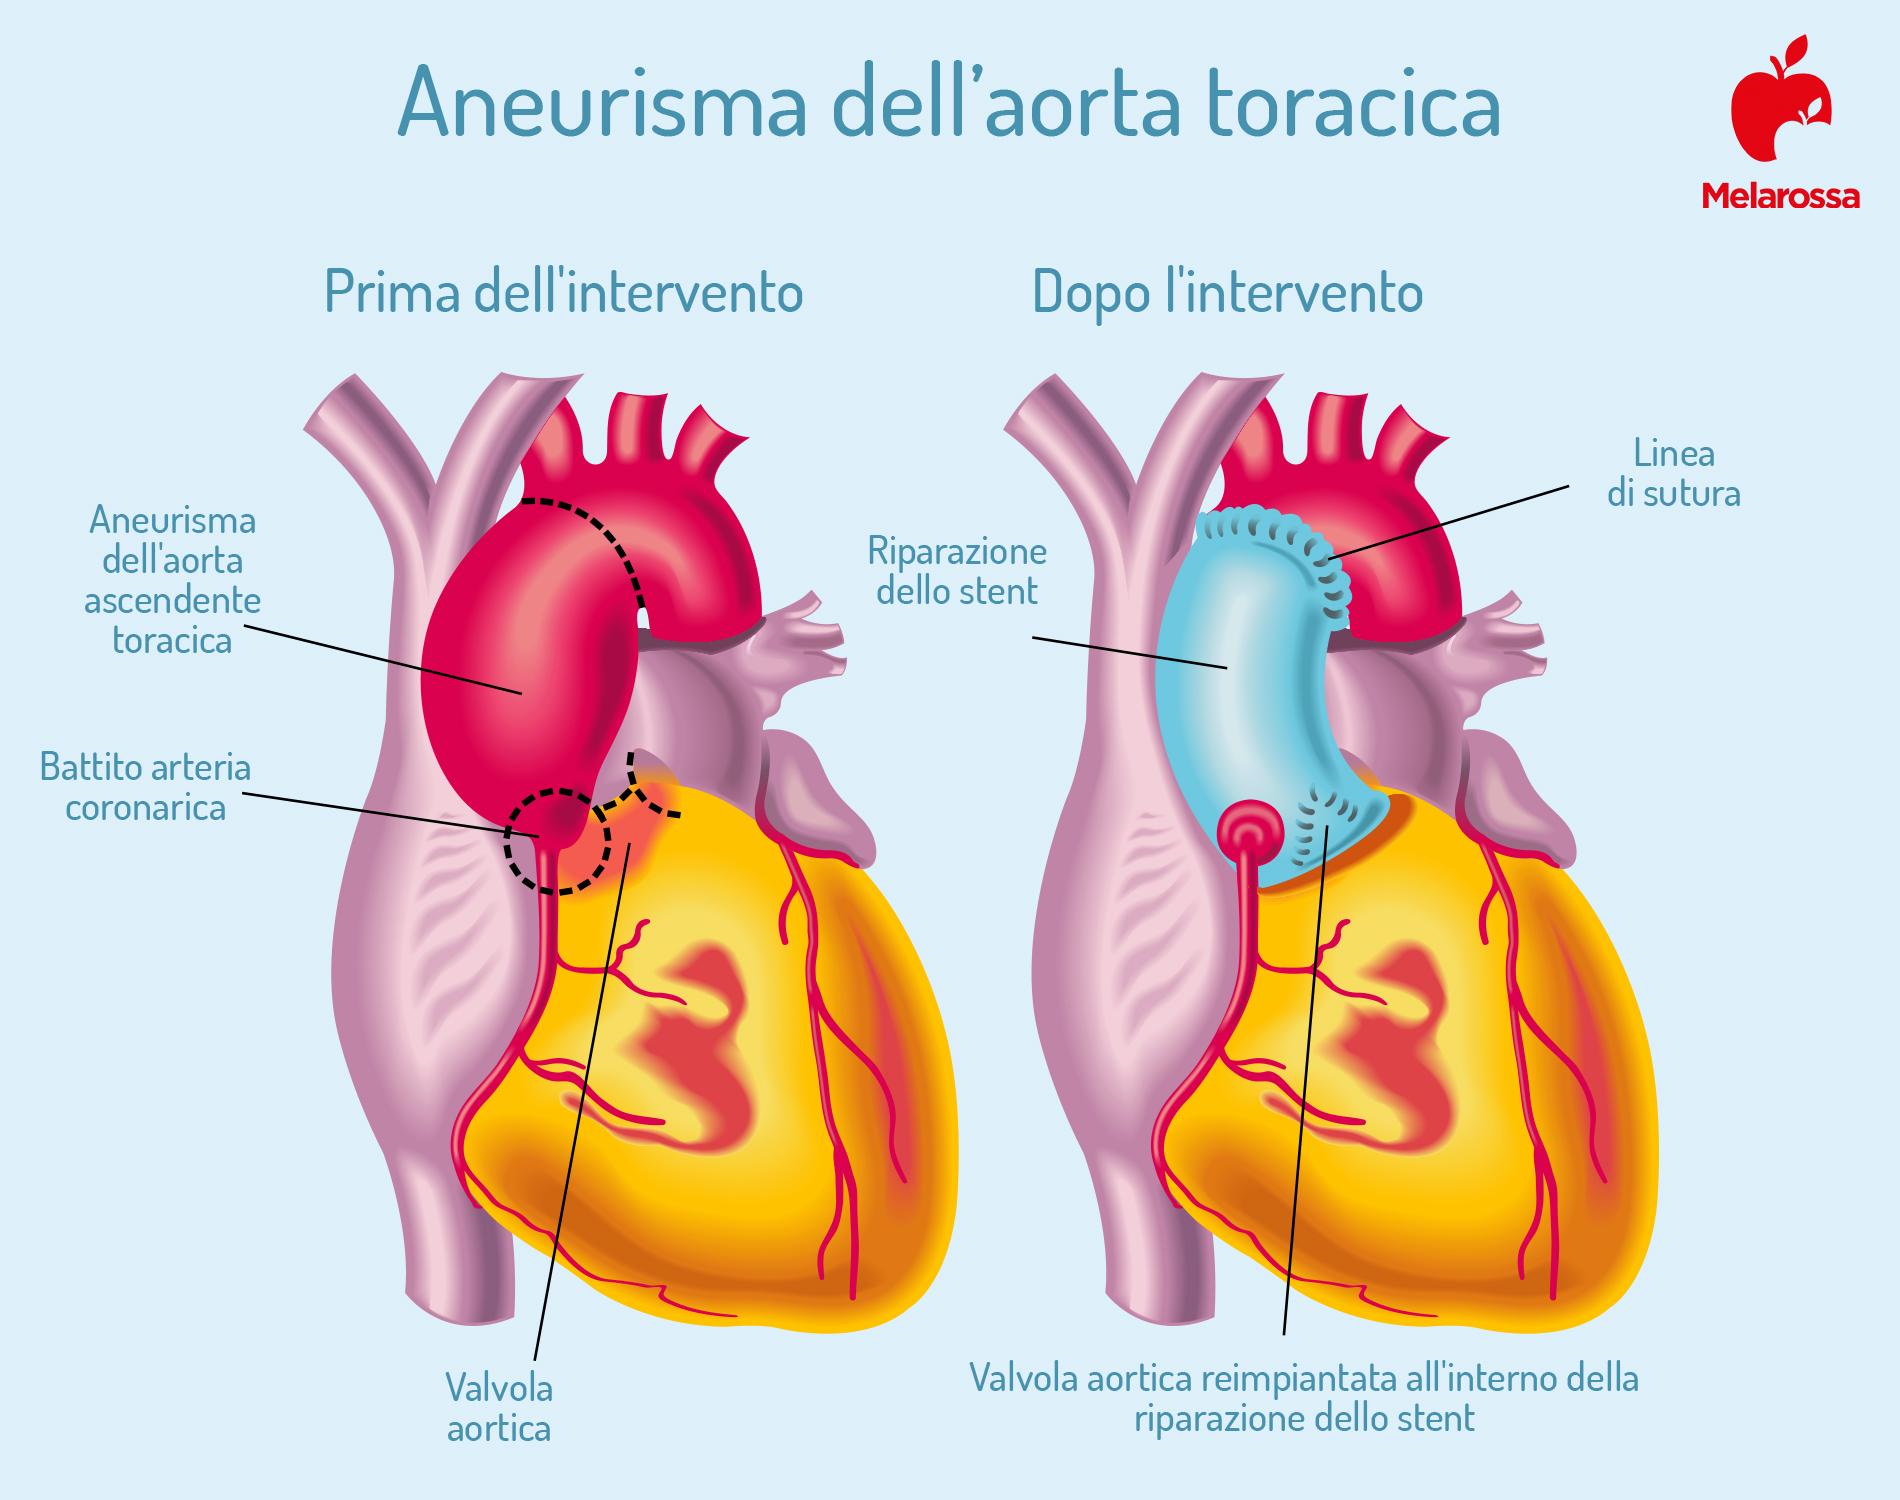 aneurisma aorta addominale prima e dopo intervento